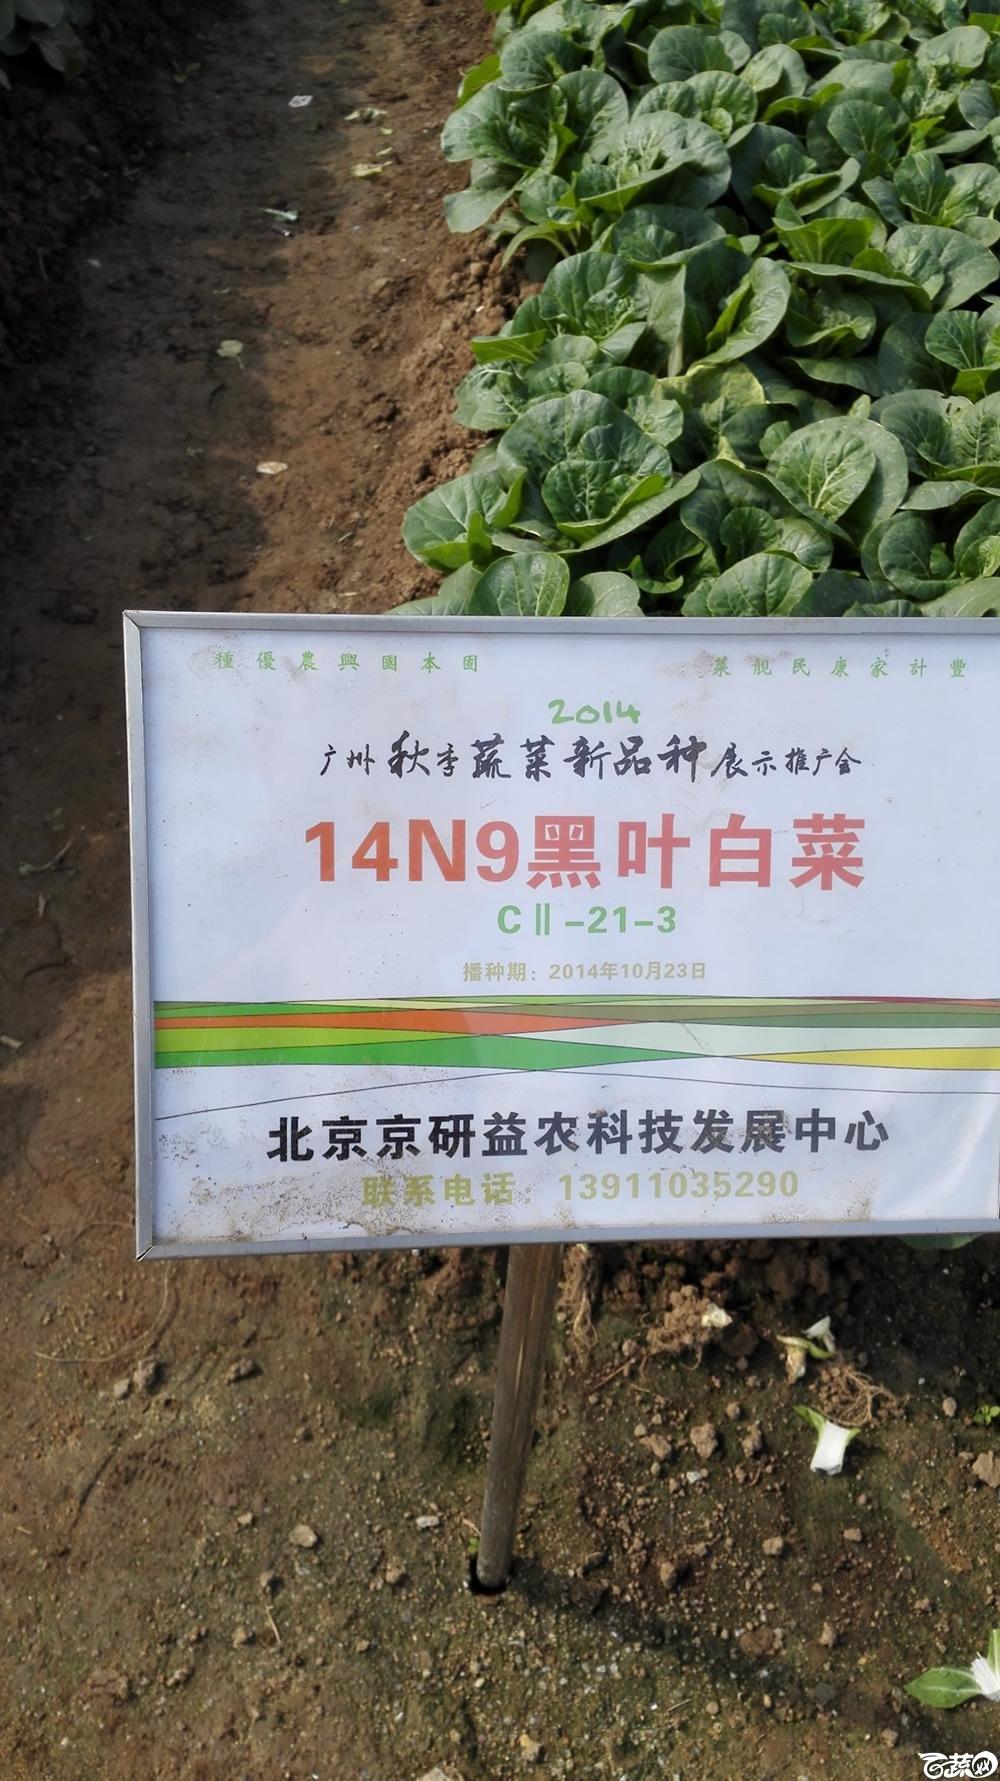 2014年12月10号广州市农科院南沙秋季蔬菜新品种展示会_叶菜_183.jpg